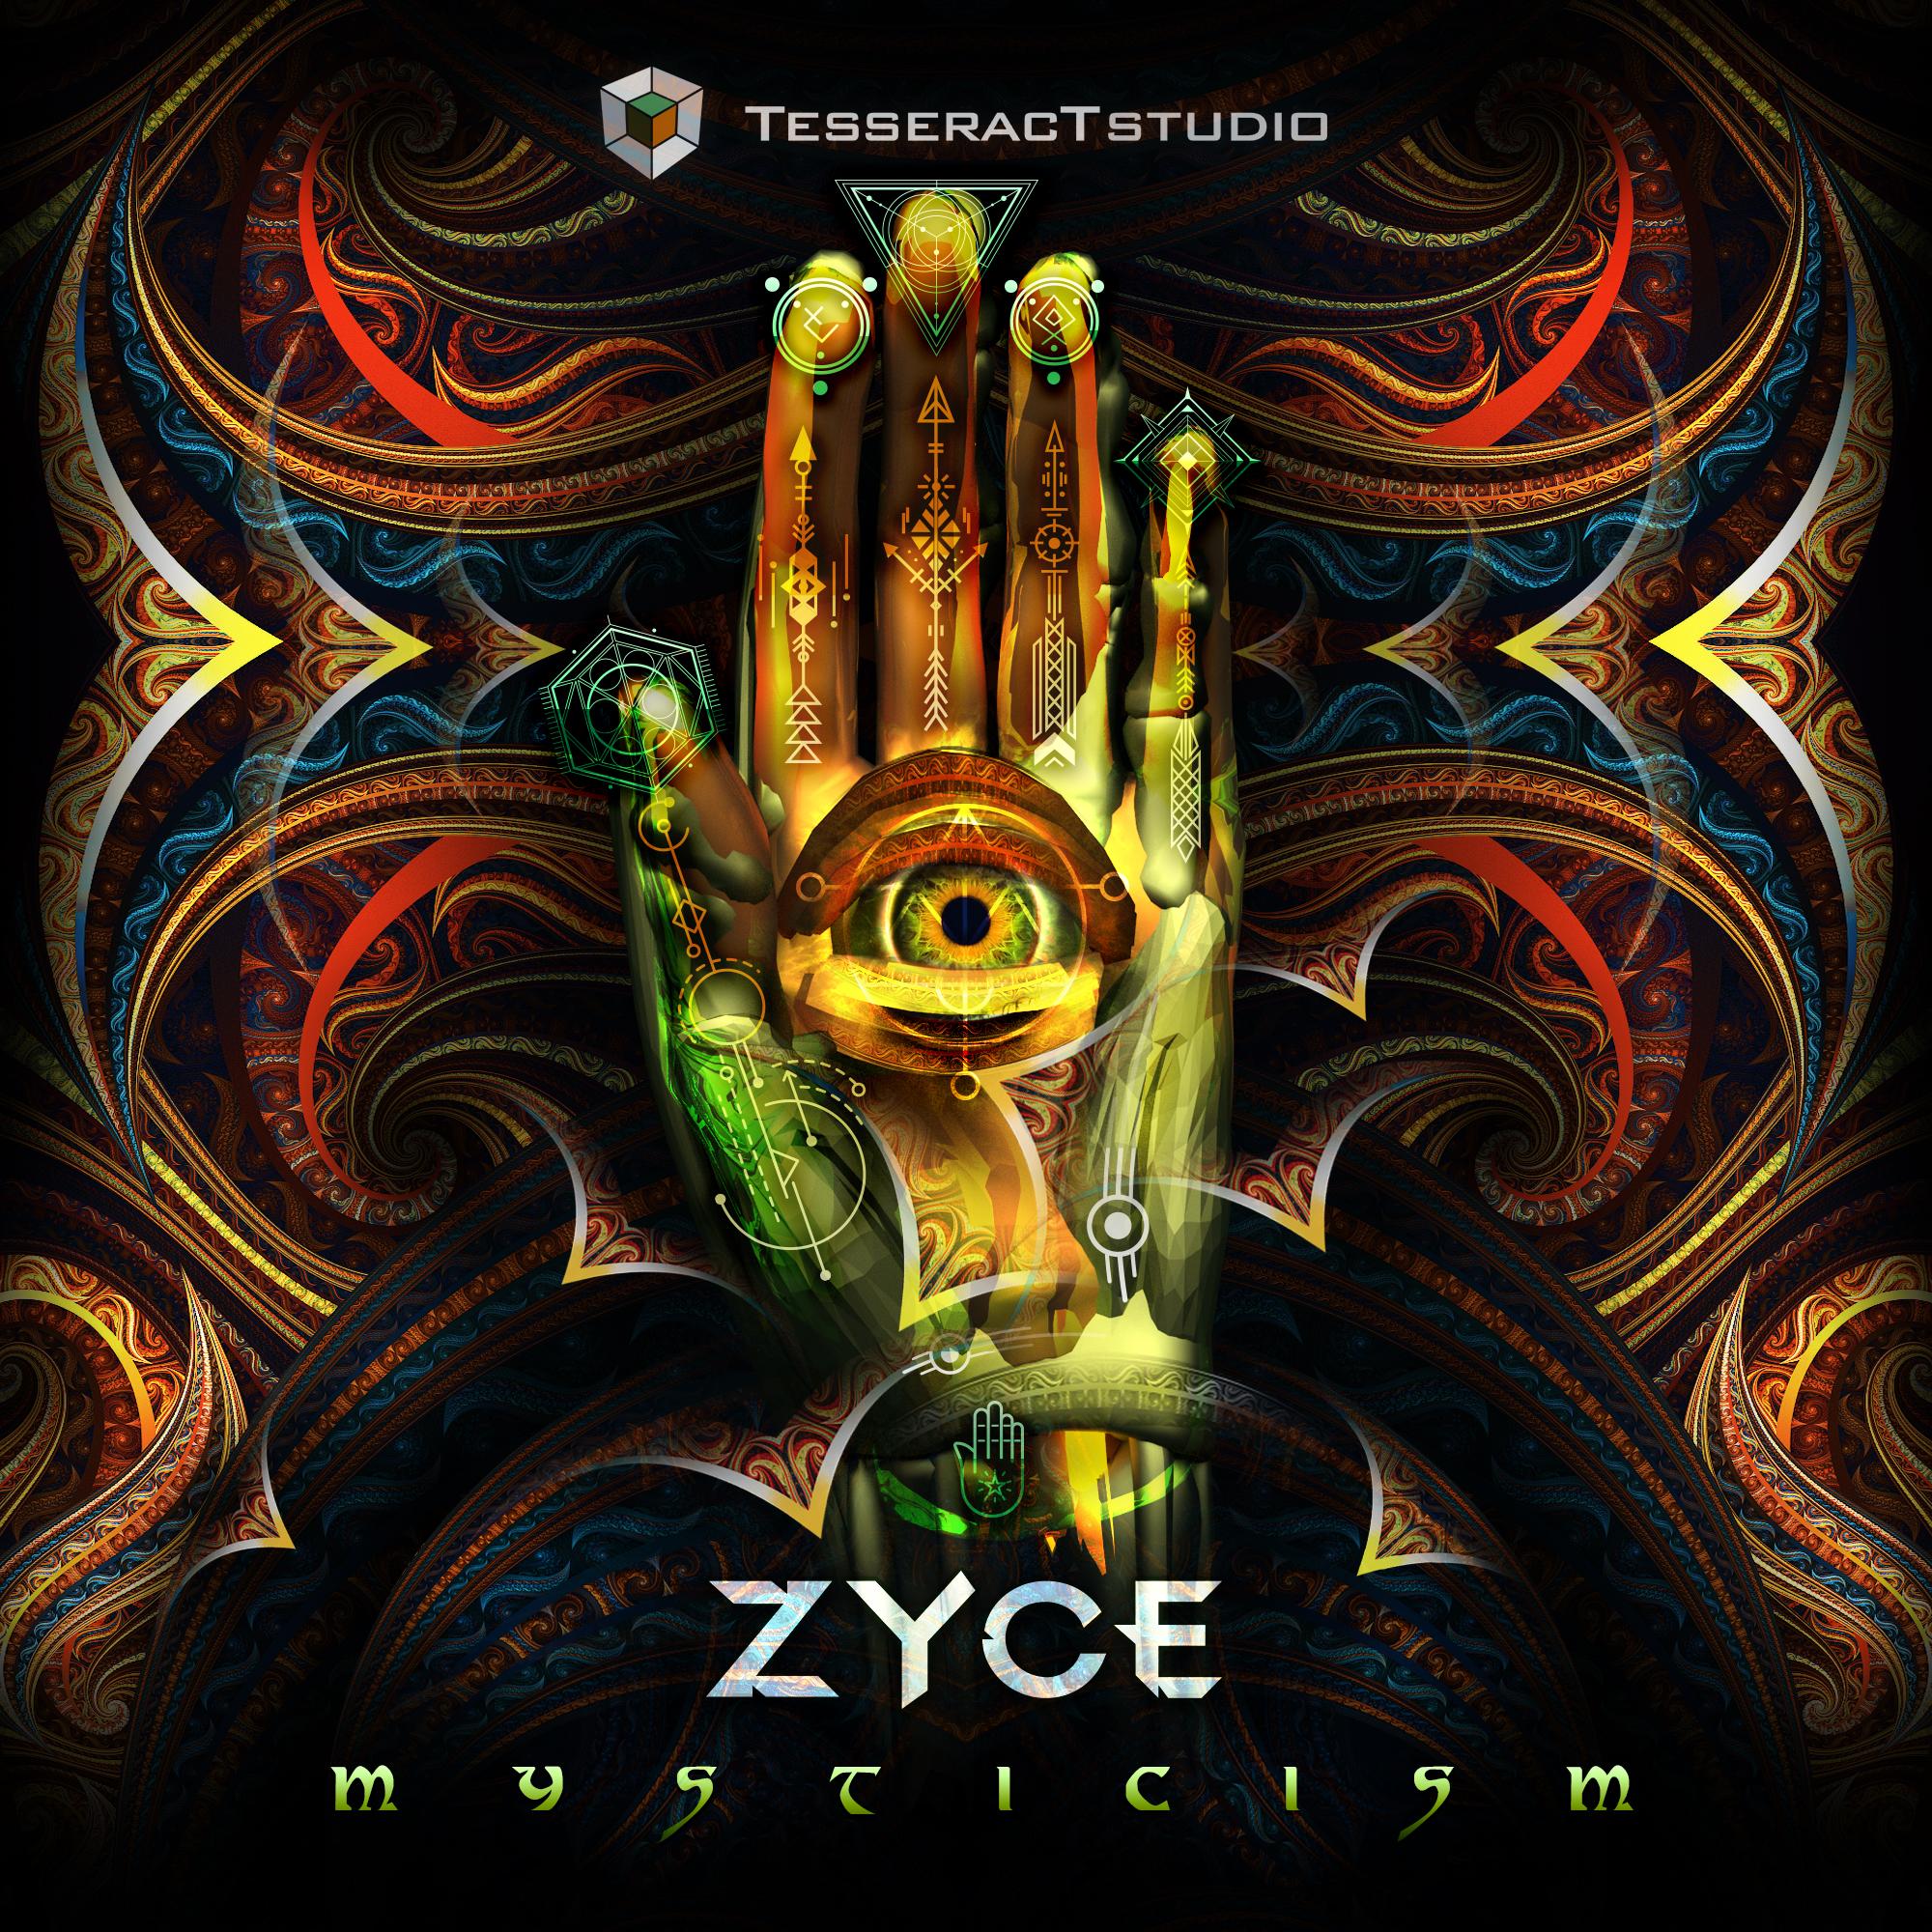 zyce mysticism